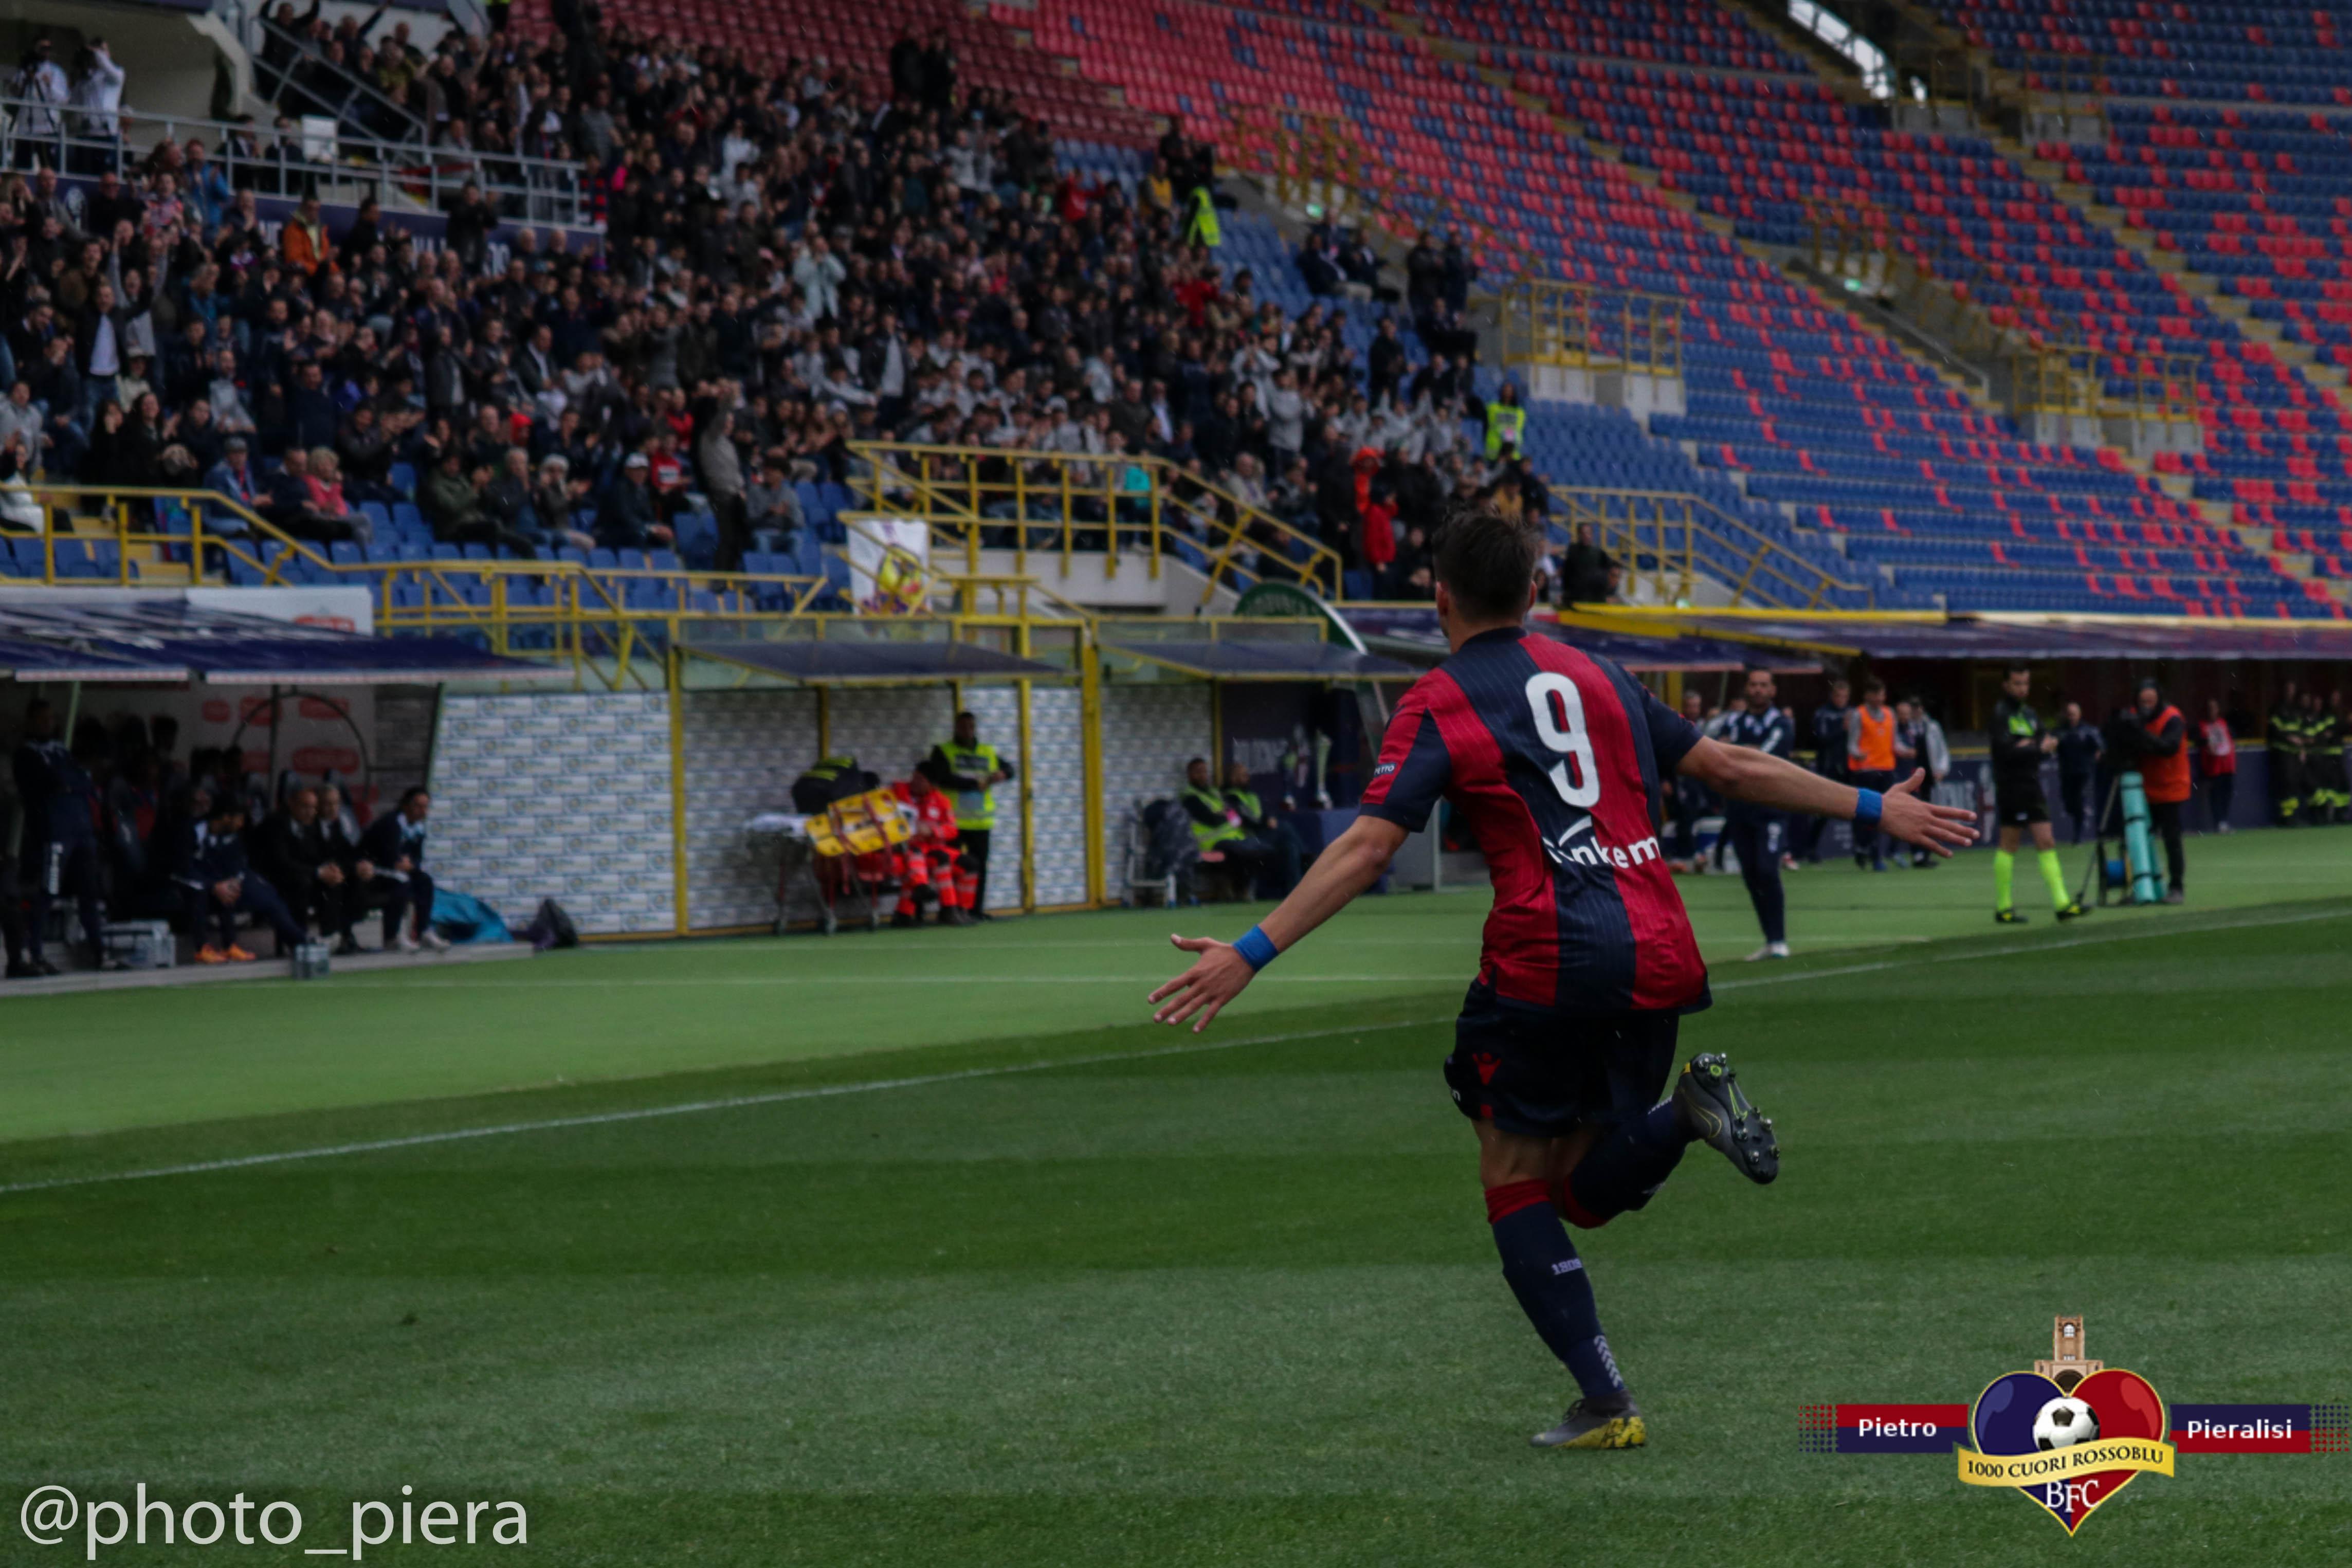 Bologna Primavera, alle 14.30 il posticipo contro il Pescara